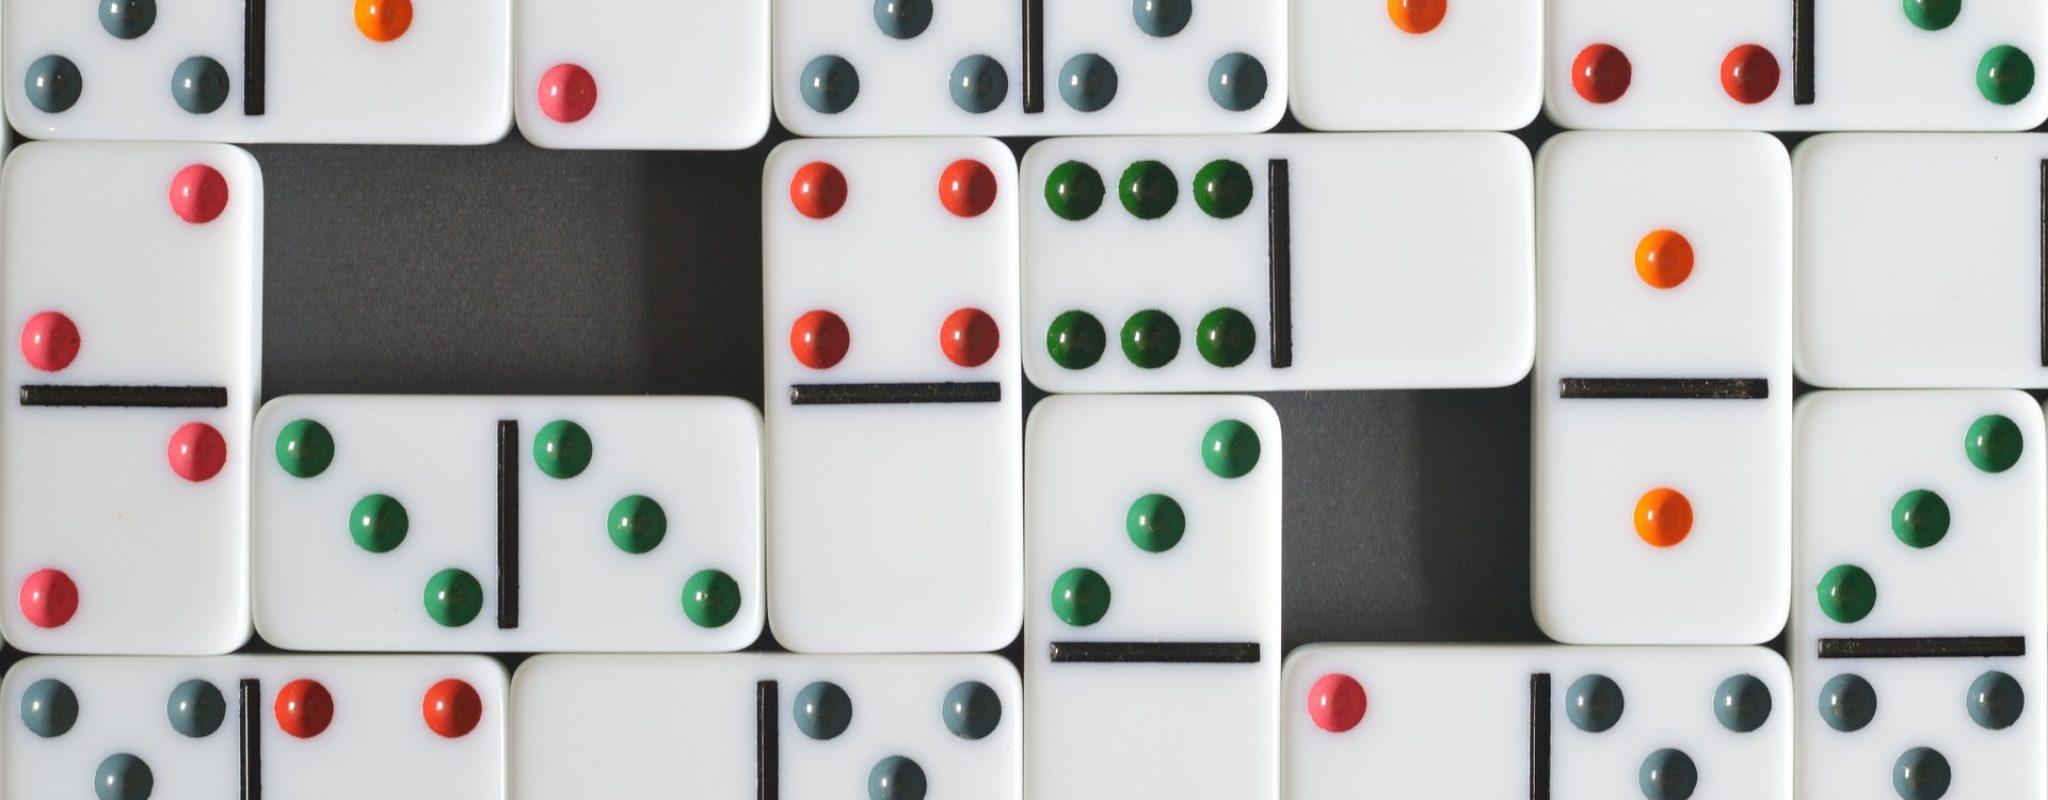 domino-2747758_1920